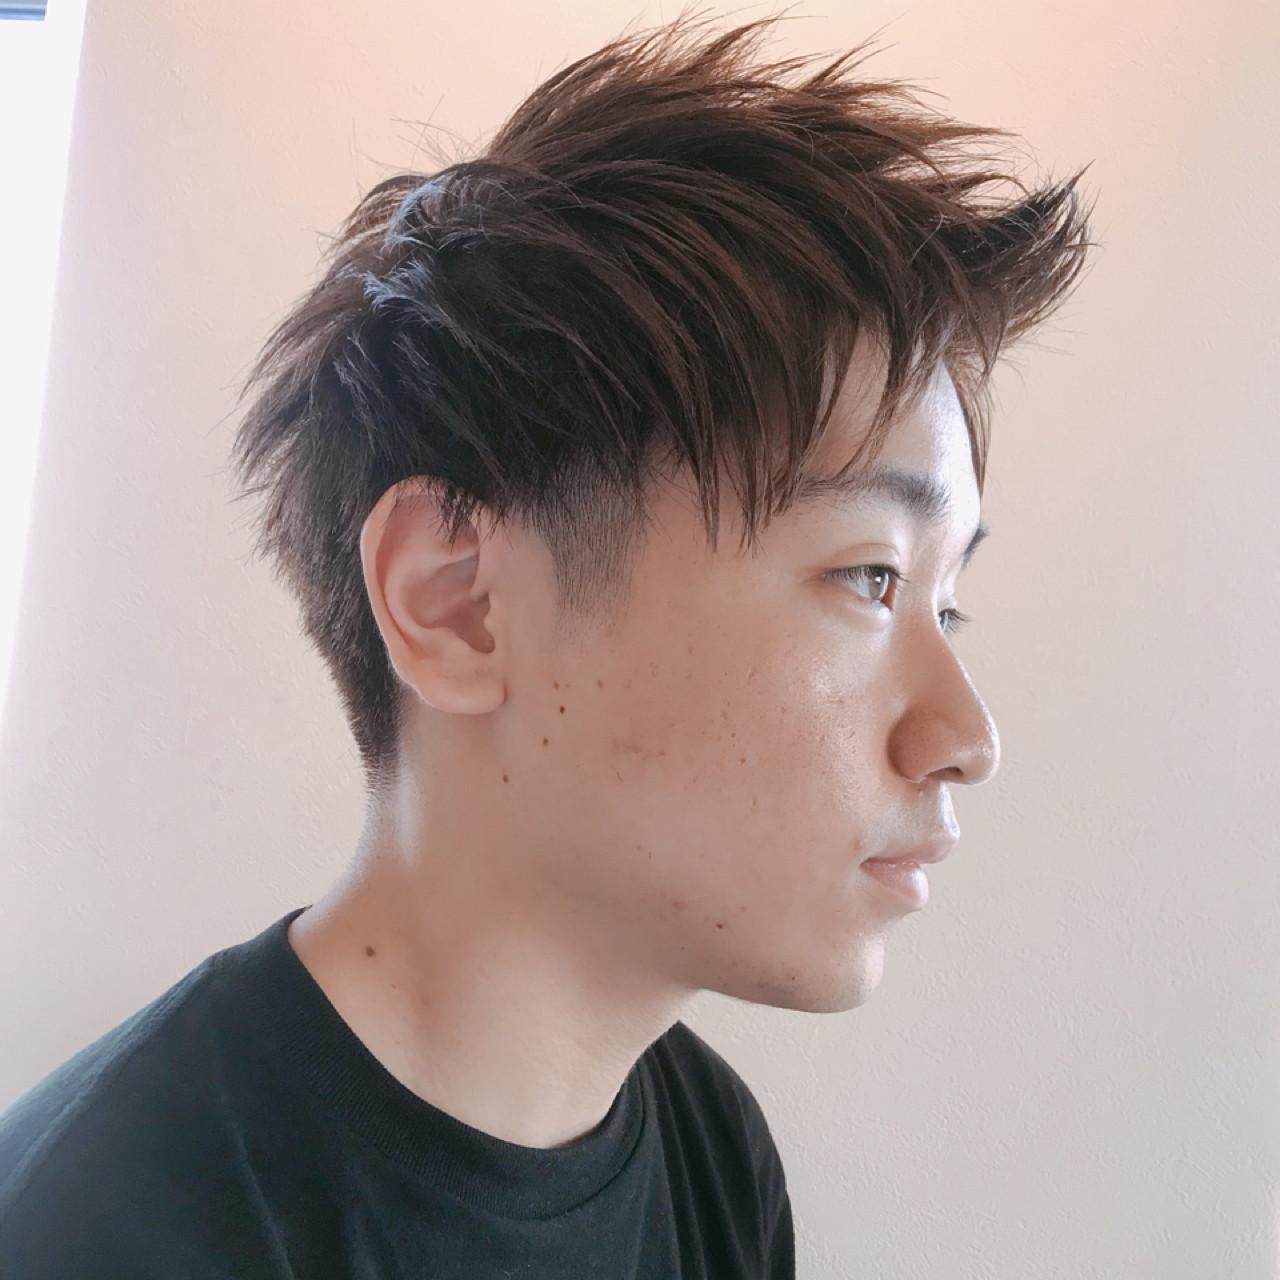 アウトドア デート 成人式 ショート ヘアスタイルや髪型の写真・画像 | 志賀 貴人 / 桜DECOティンプル